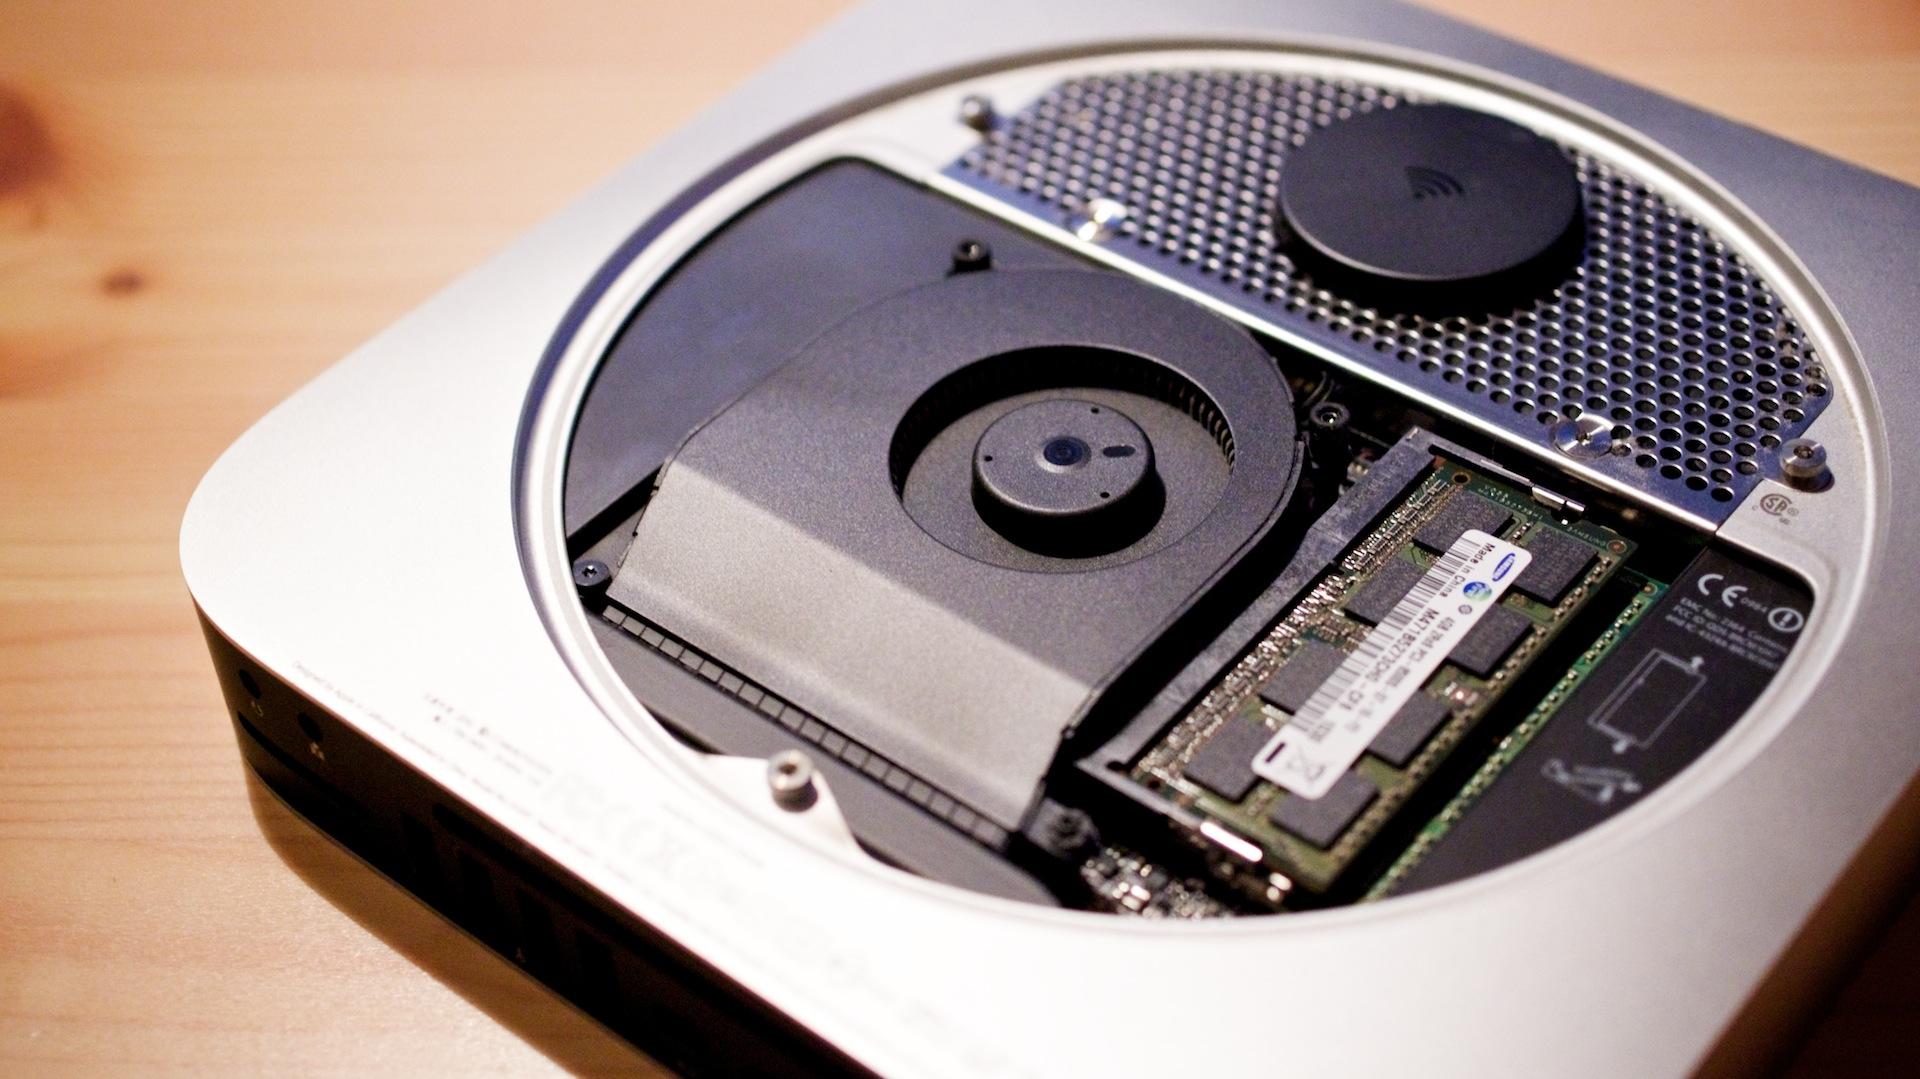 Plextor M5S SSD in Macmini2010 1120